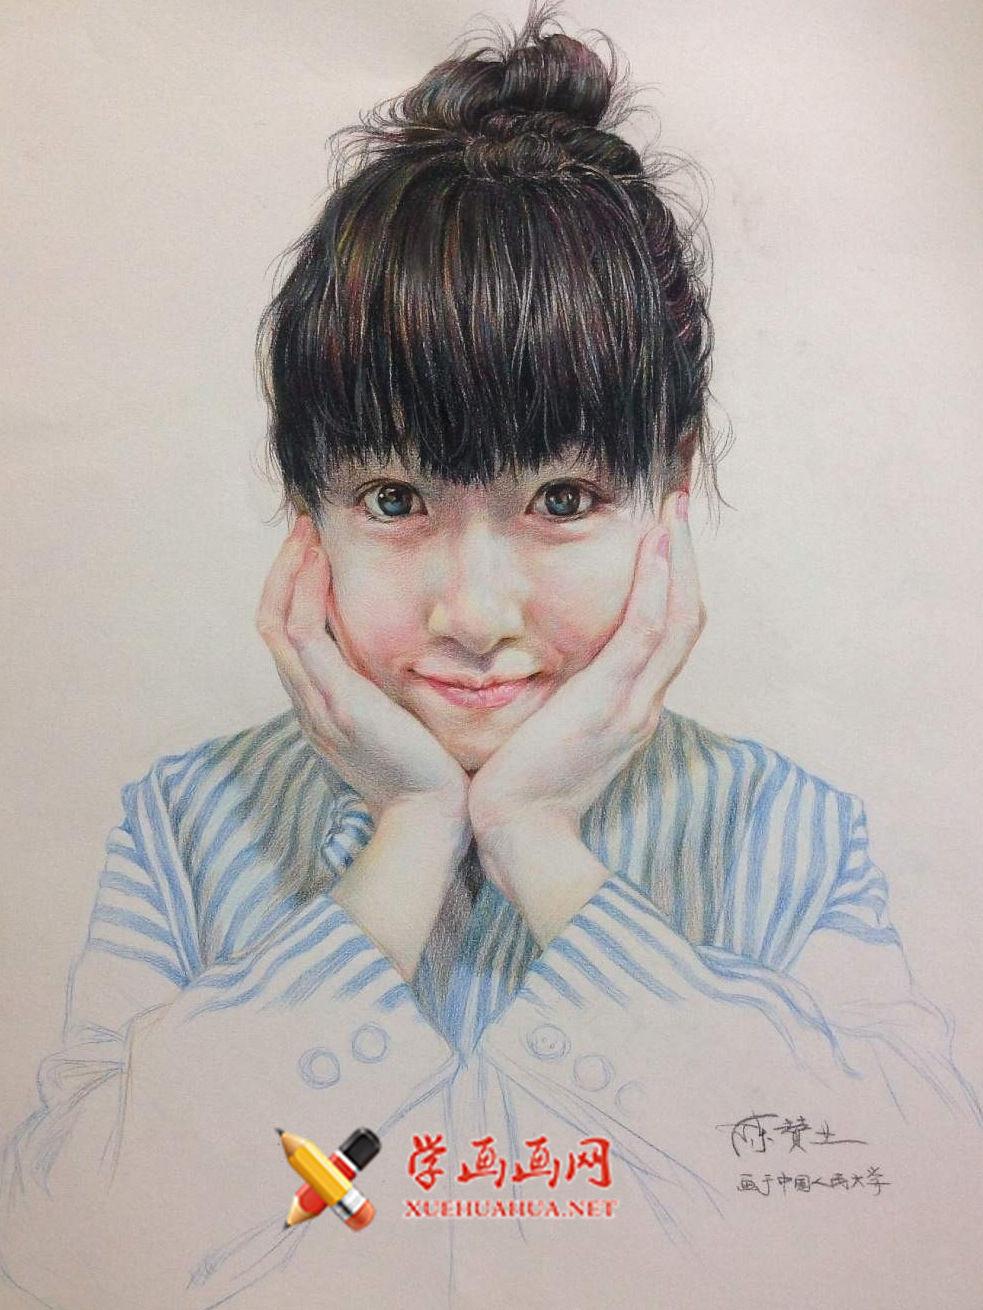 人物彩铅画:托着腮帮的女孩(1)